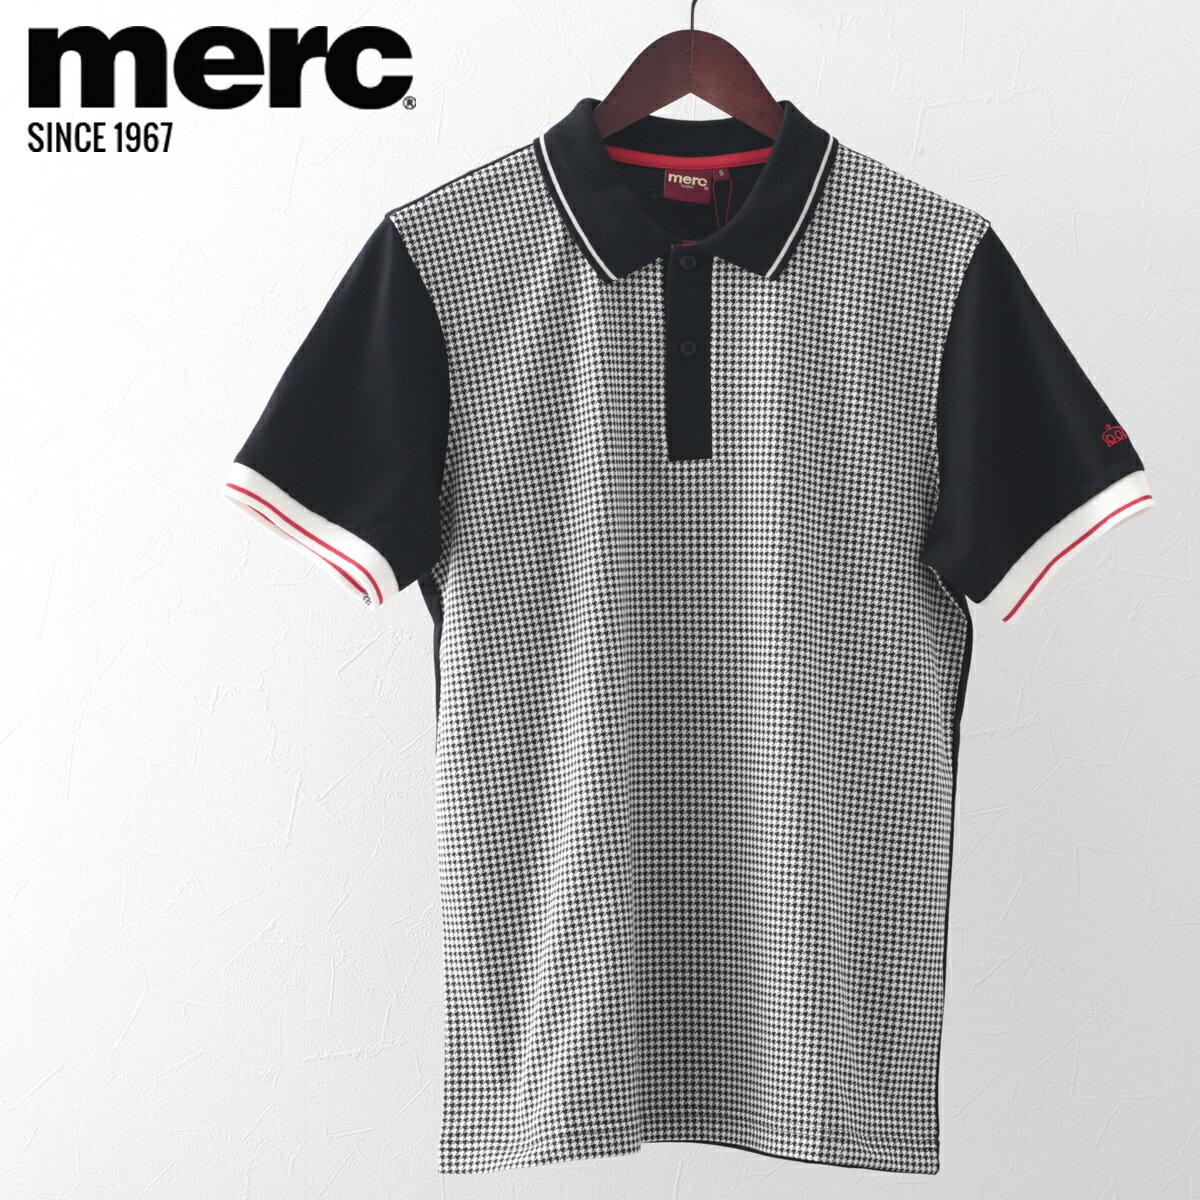 メルクロンドン Merc London ポロシャツ ポロ 18SS 新作 ドッグトゥース W1 プレミアム メンズ モッズファッション プレゼント ギフト